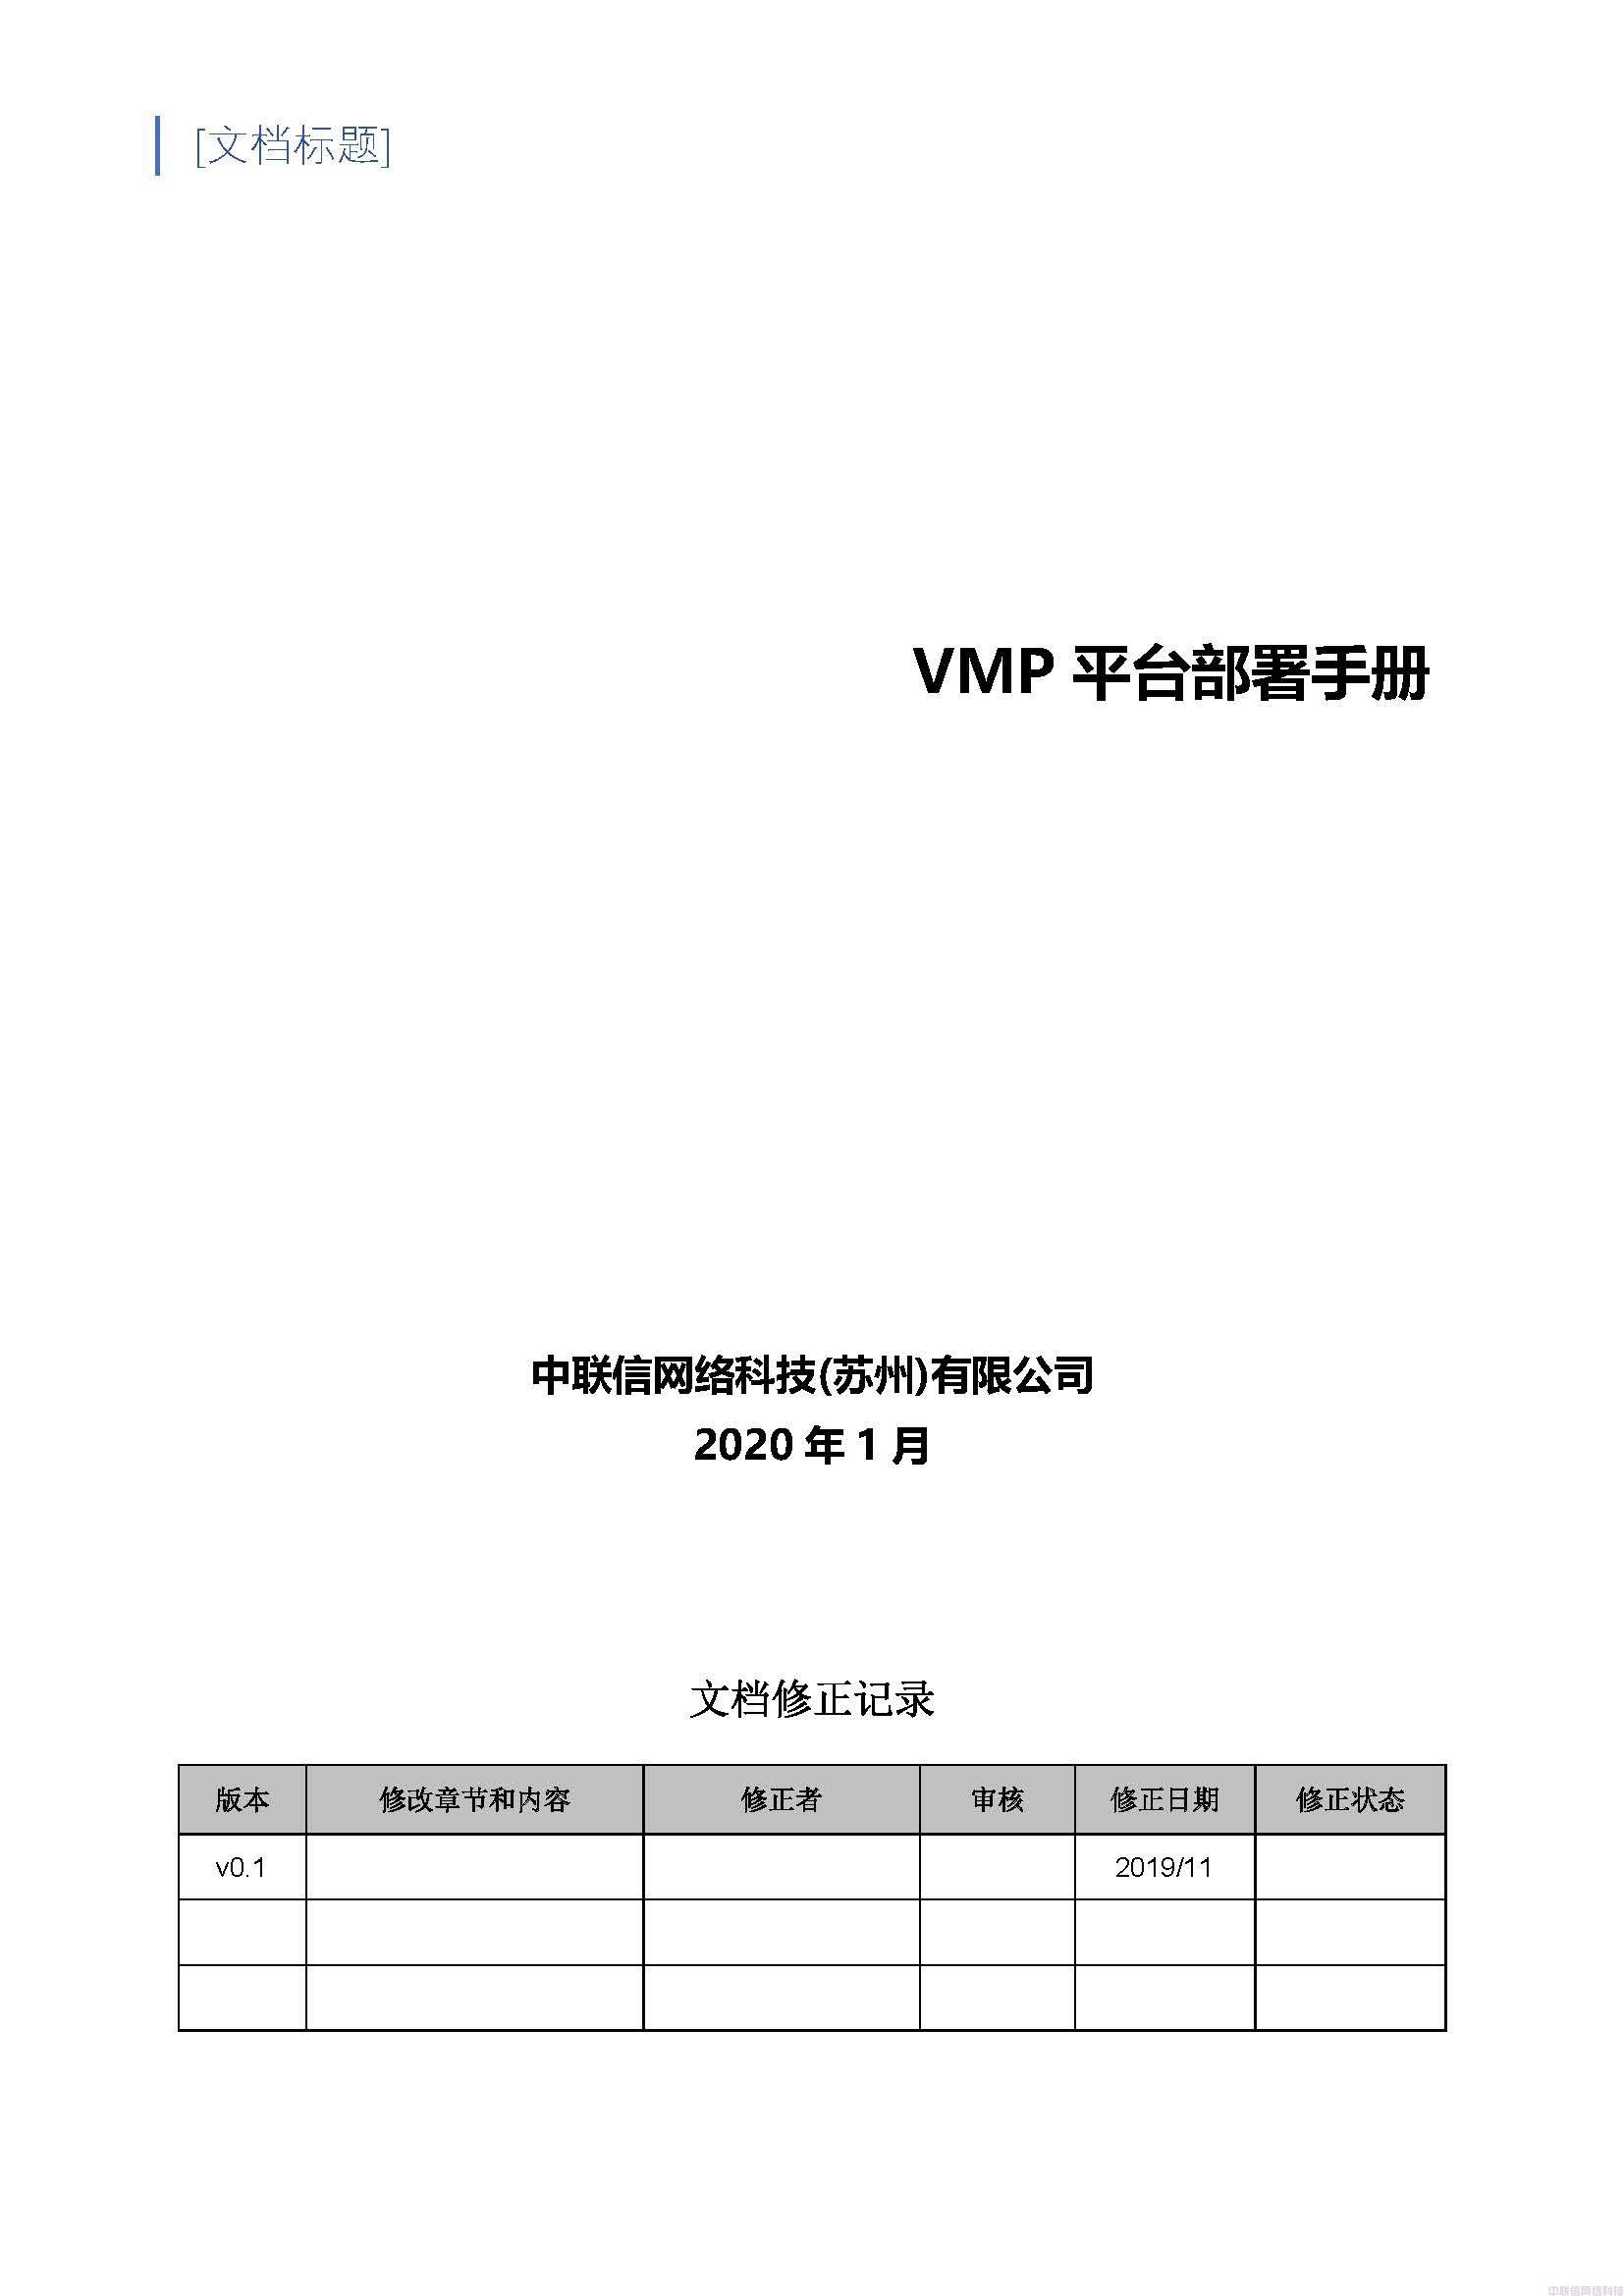 深信服VMP平台部署手册